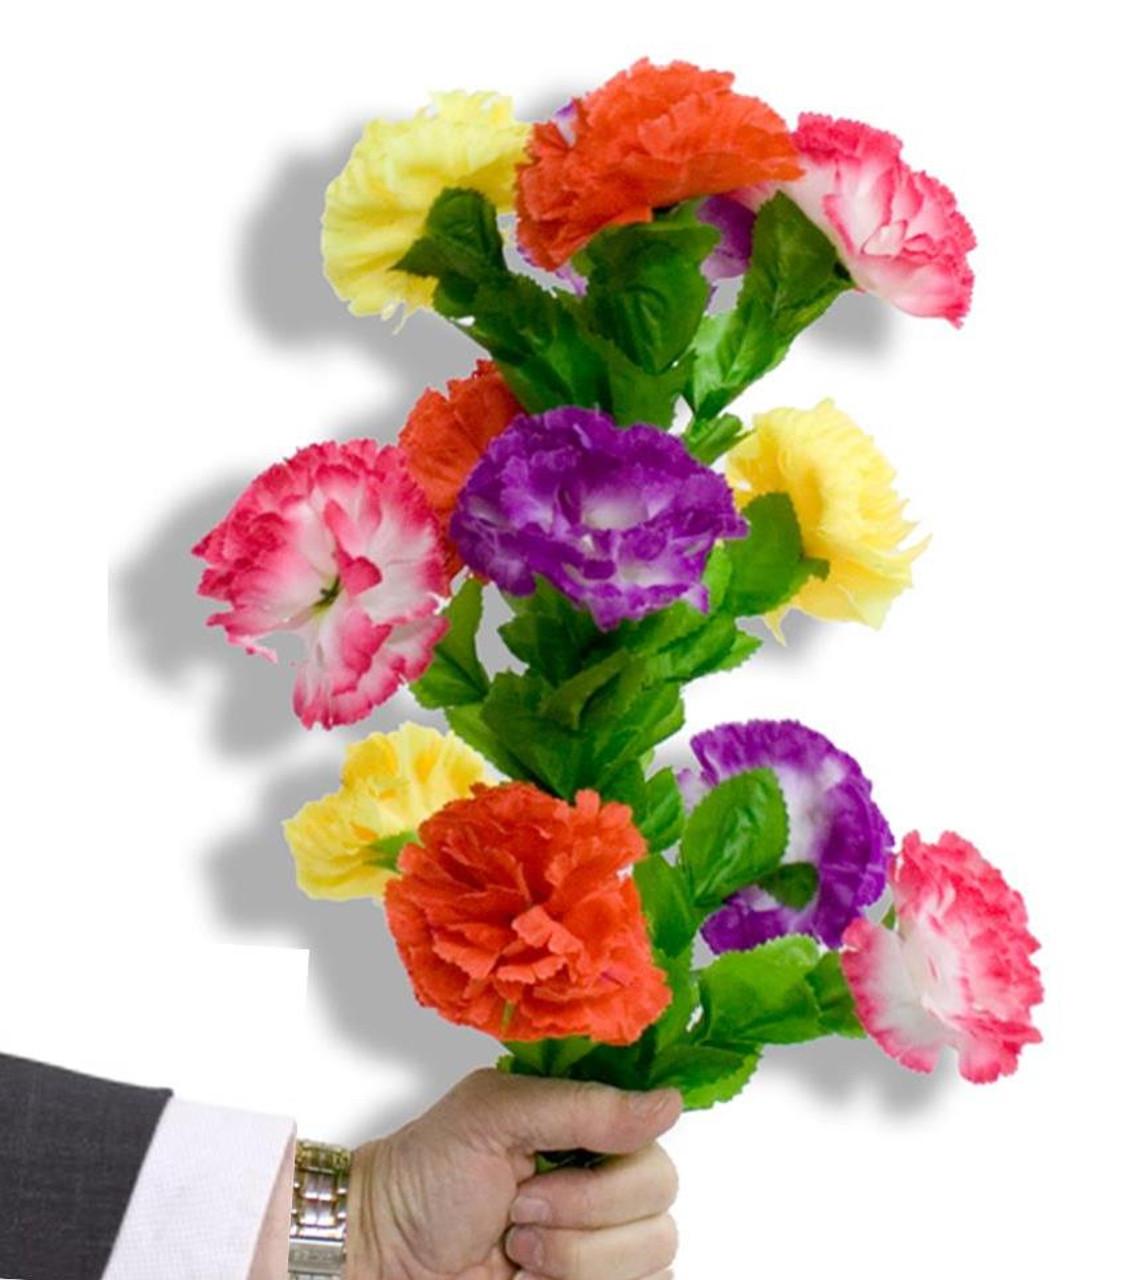 Cloth Flowers Bouquet Magic Trick